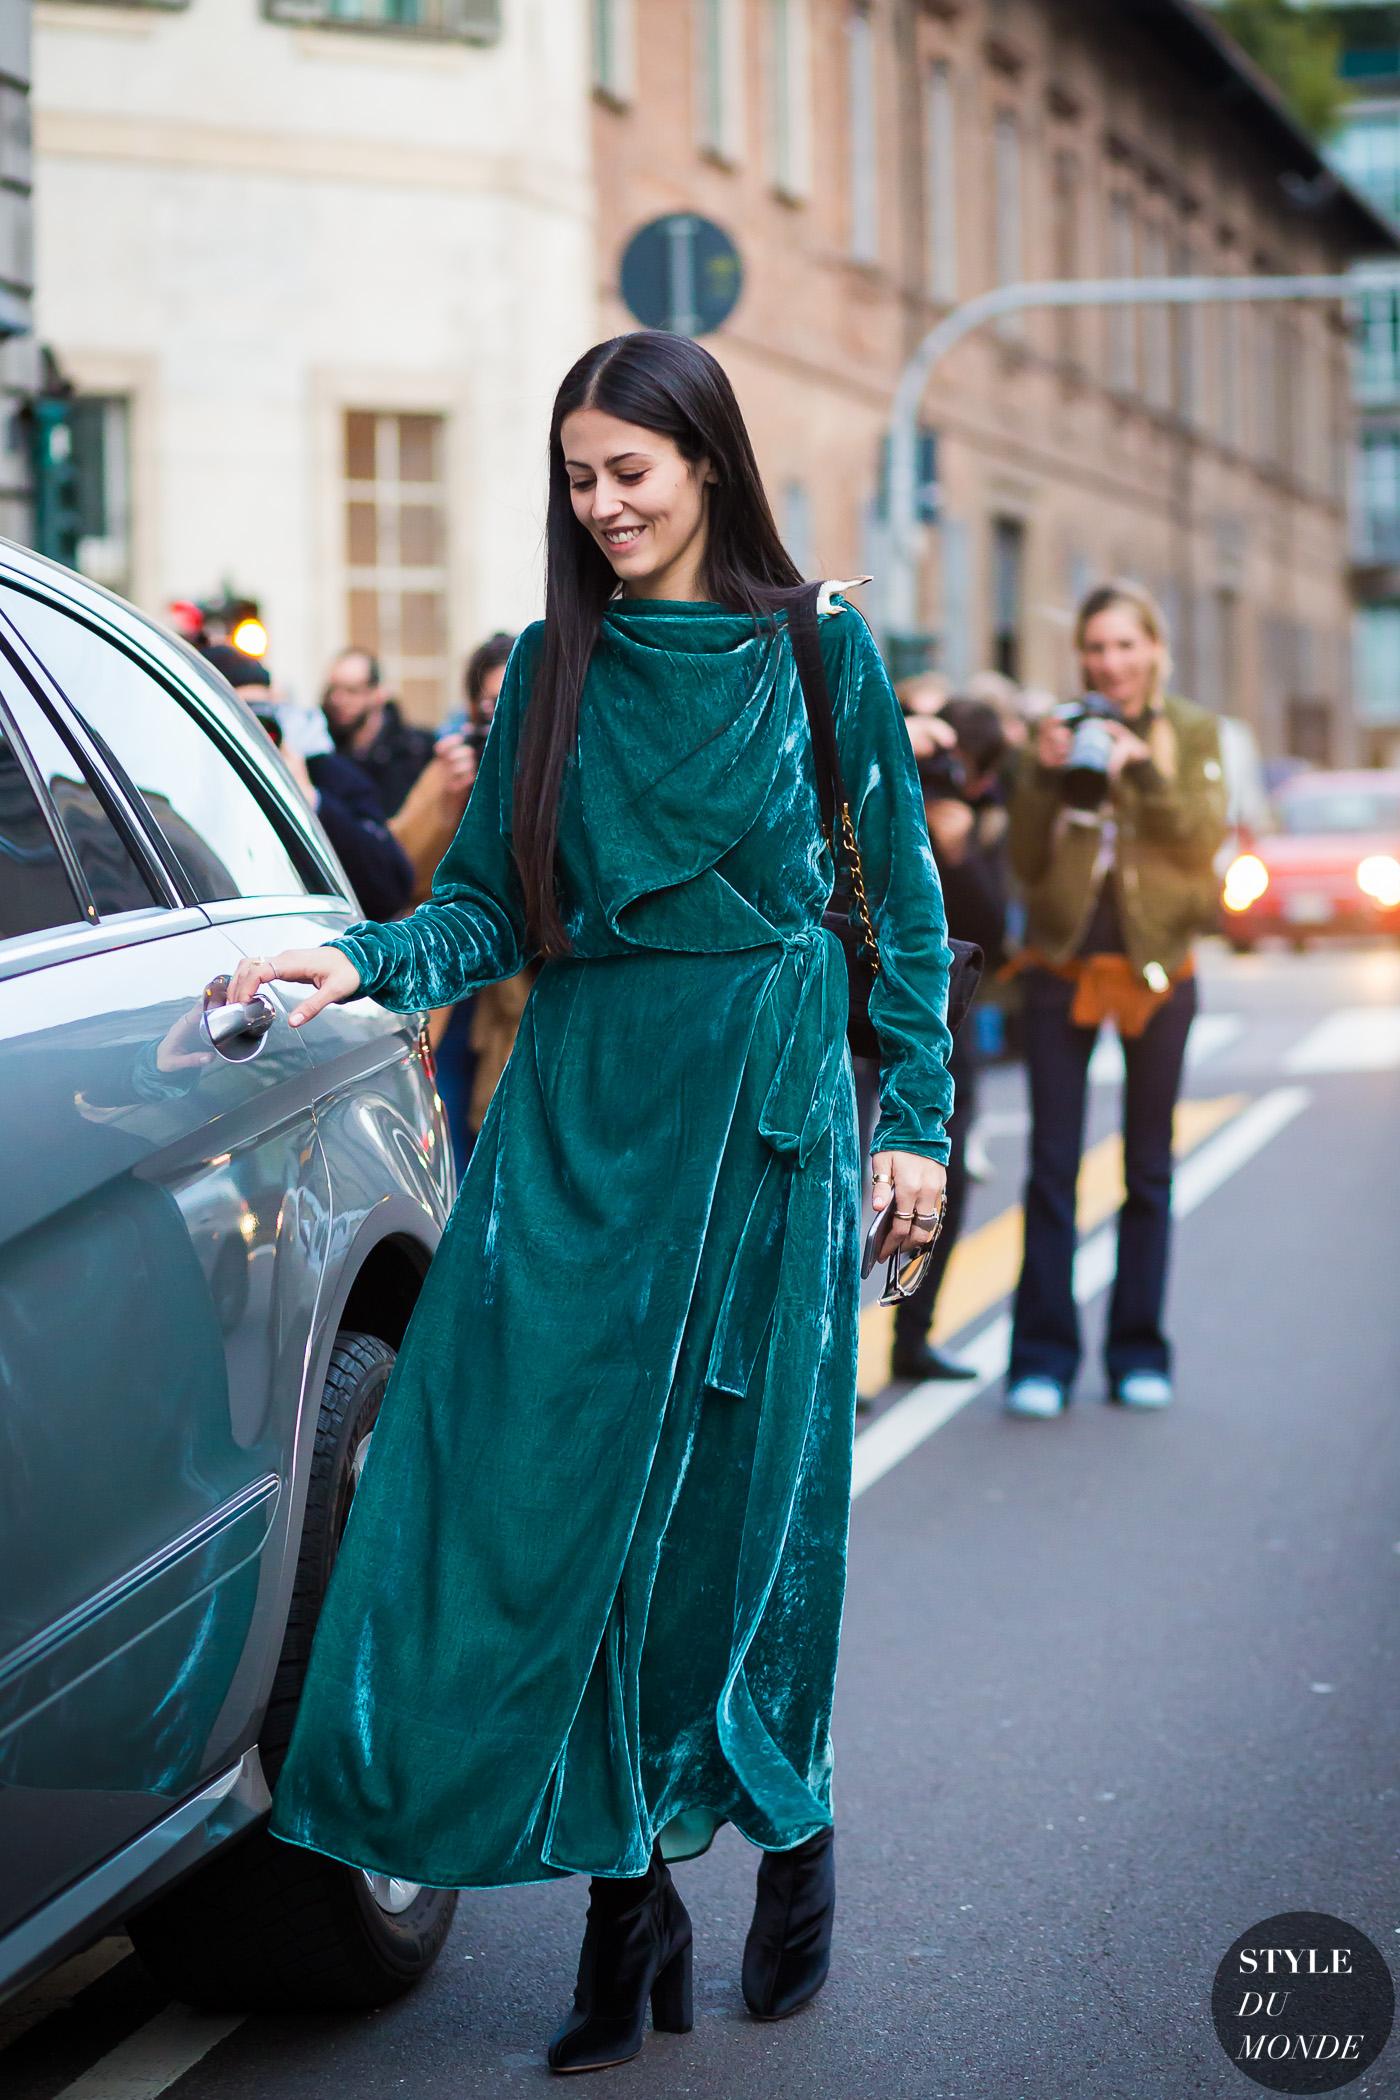 fashionista diện đầm màu xanh mòng két cùng bốt đen